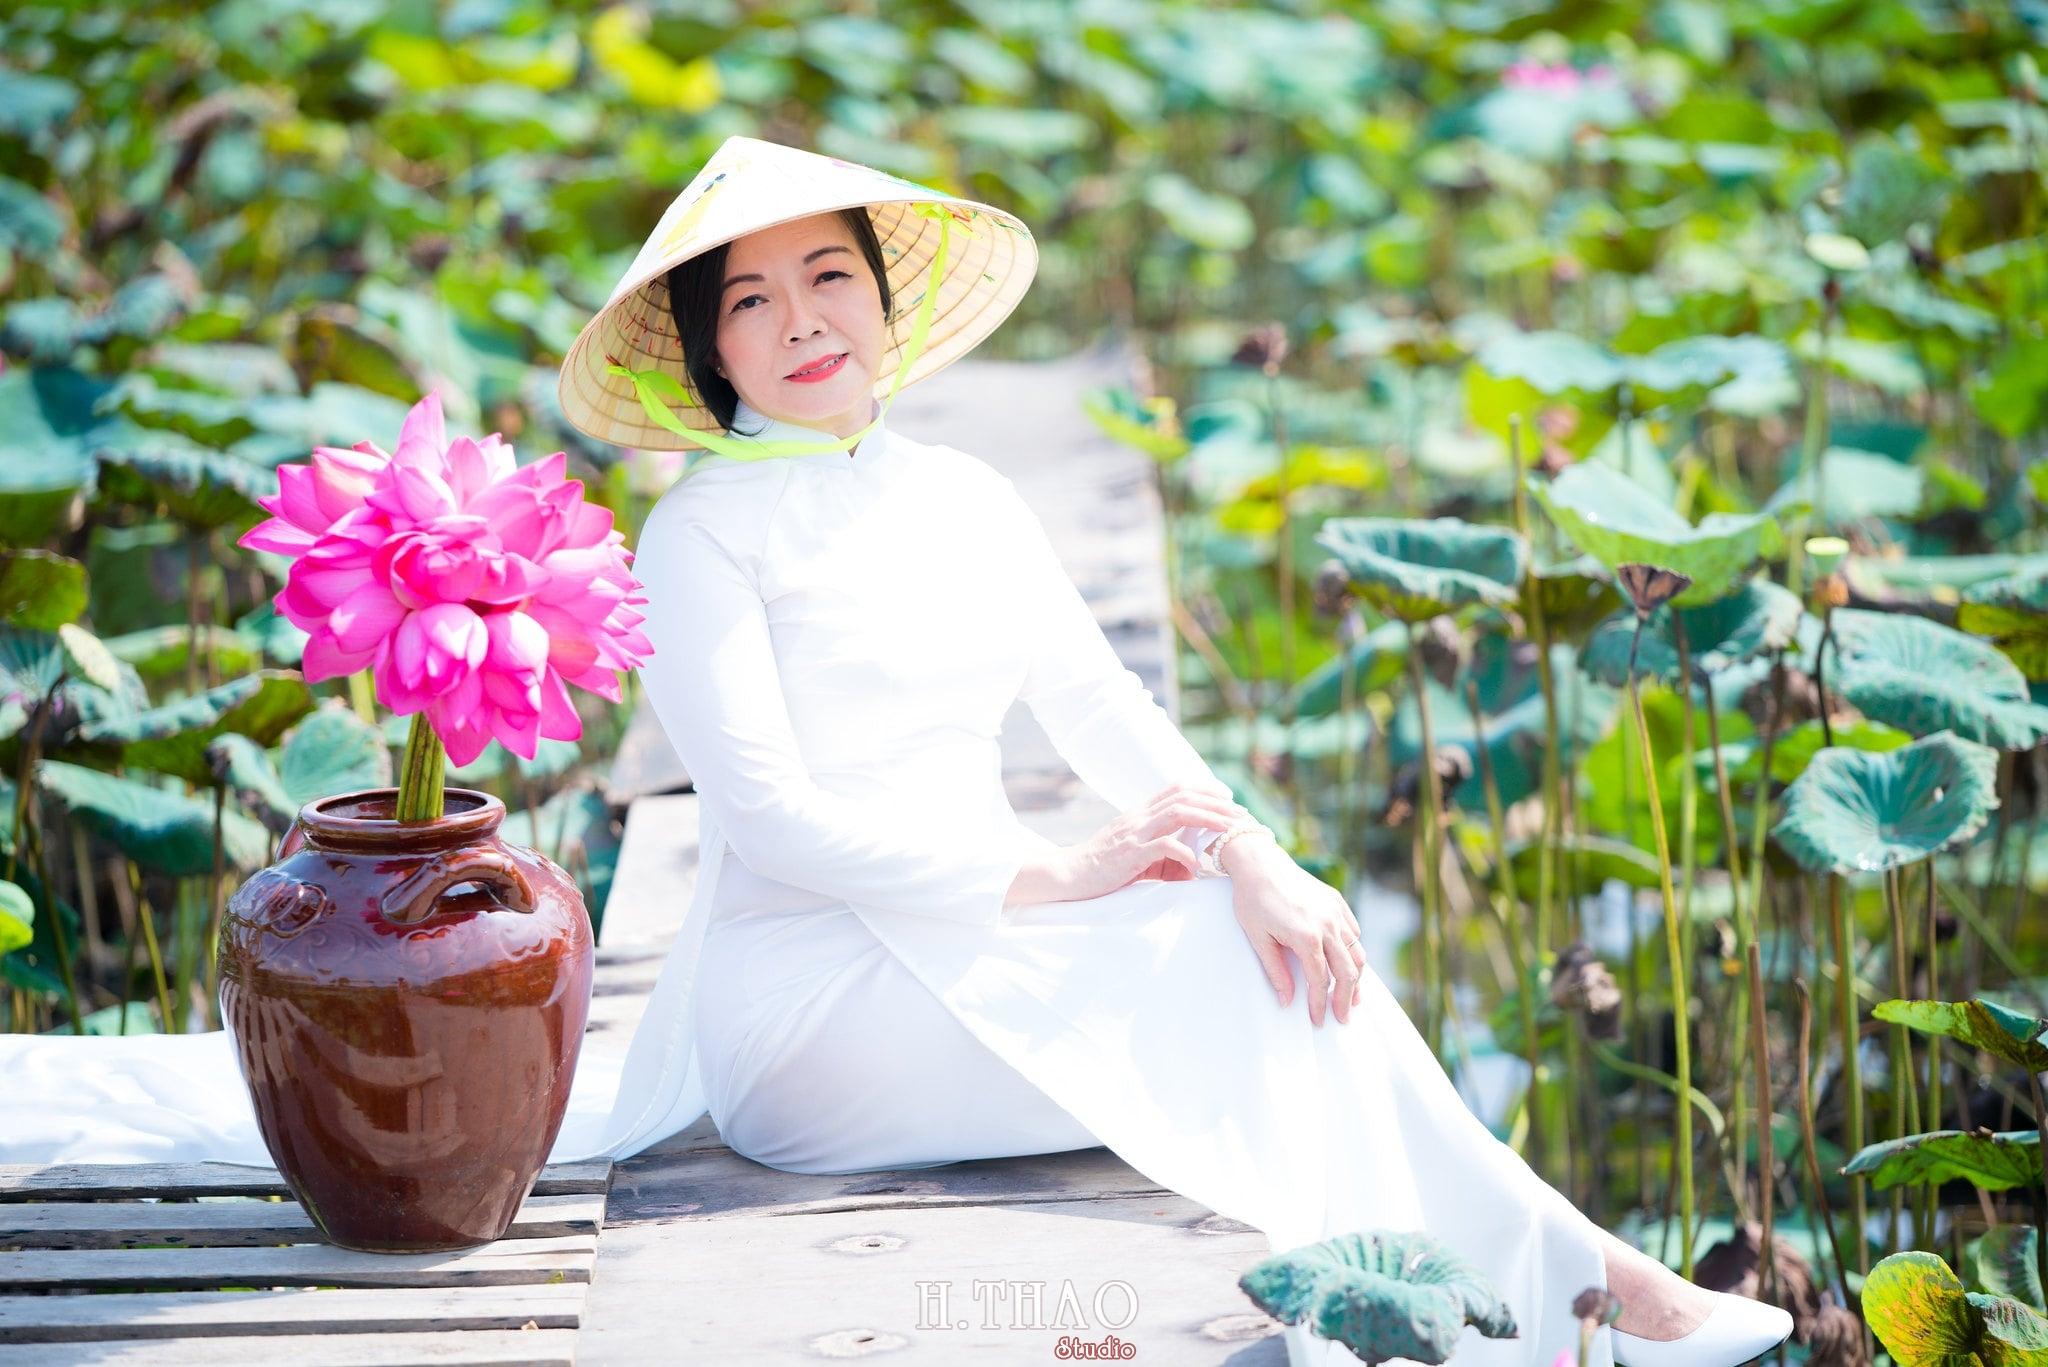 nh áo dài hoa sen 6 - Góc ảnh áo dài tuổi 50 cô Phương chụp với hoa sen- HThao Studio